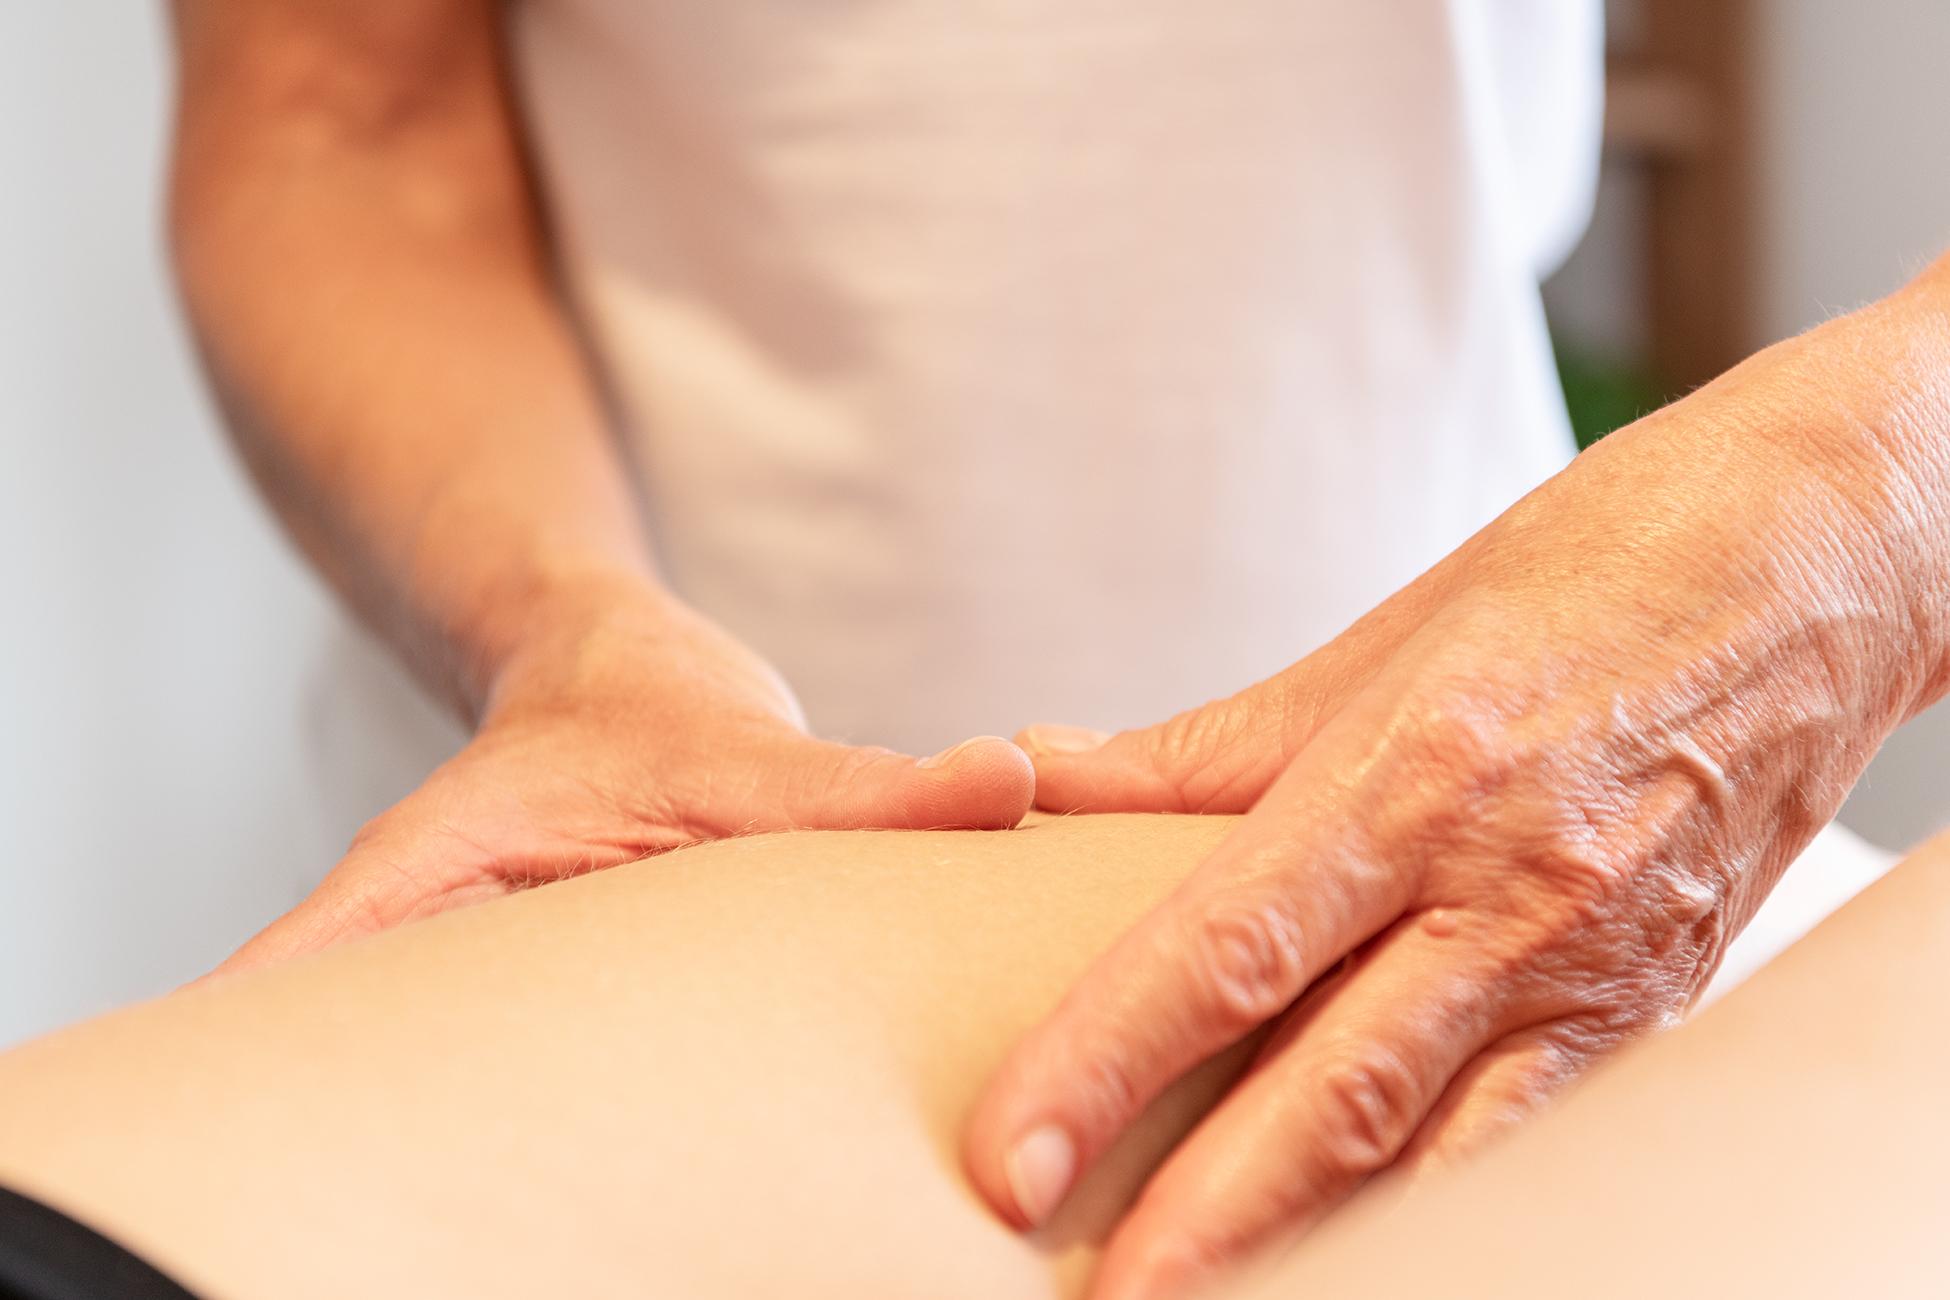 Muscles and more biedt je verschillende behandelingen op het gebied van sport- en ontspanningsmassage